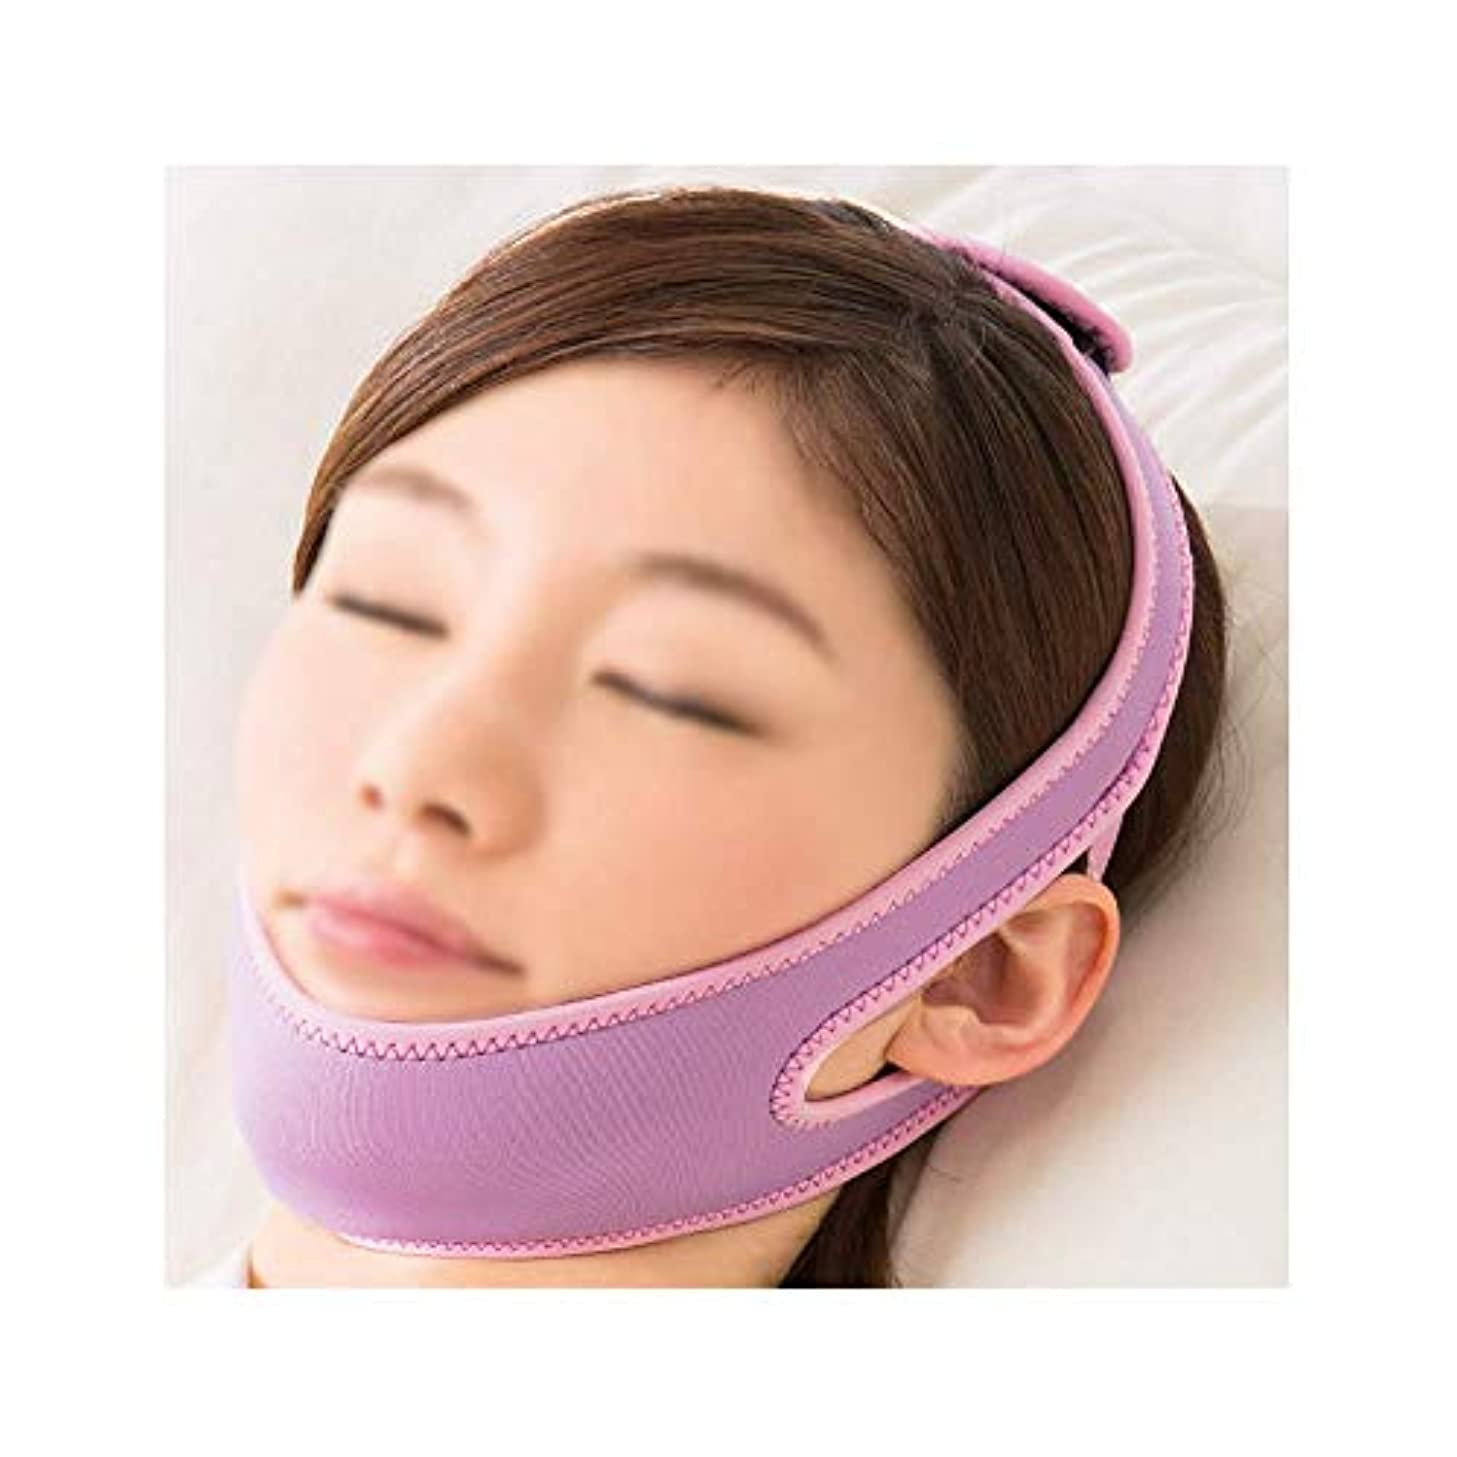 離れて港無限大フェイシャルマスク、フェイスリフティングアーティファクトフェイスマスク垂れ下がり面付きVフェイス包帯通気性スリーピングフェイスダブルチンチンセット睡眠弾性スリムベルト